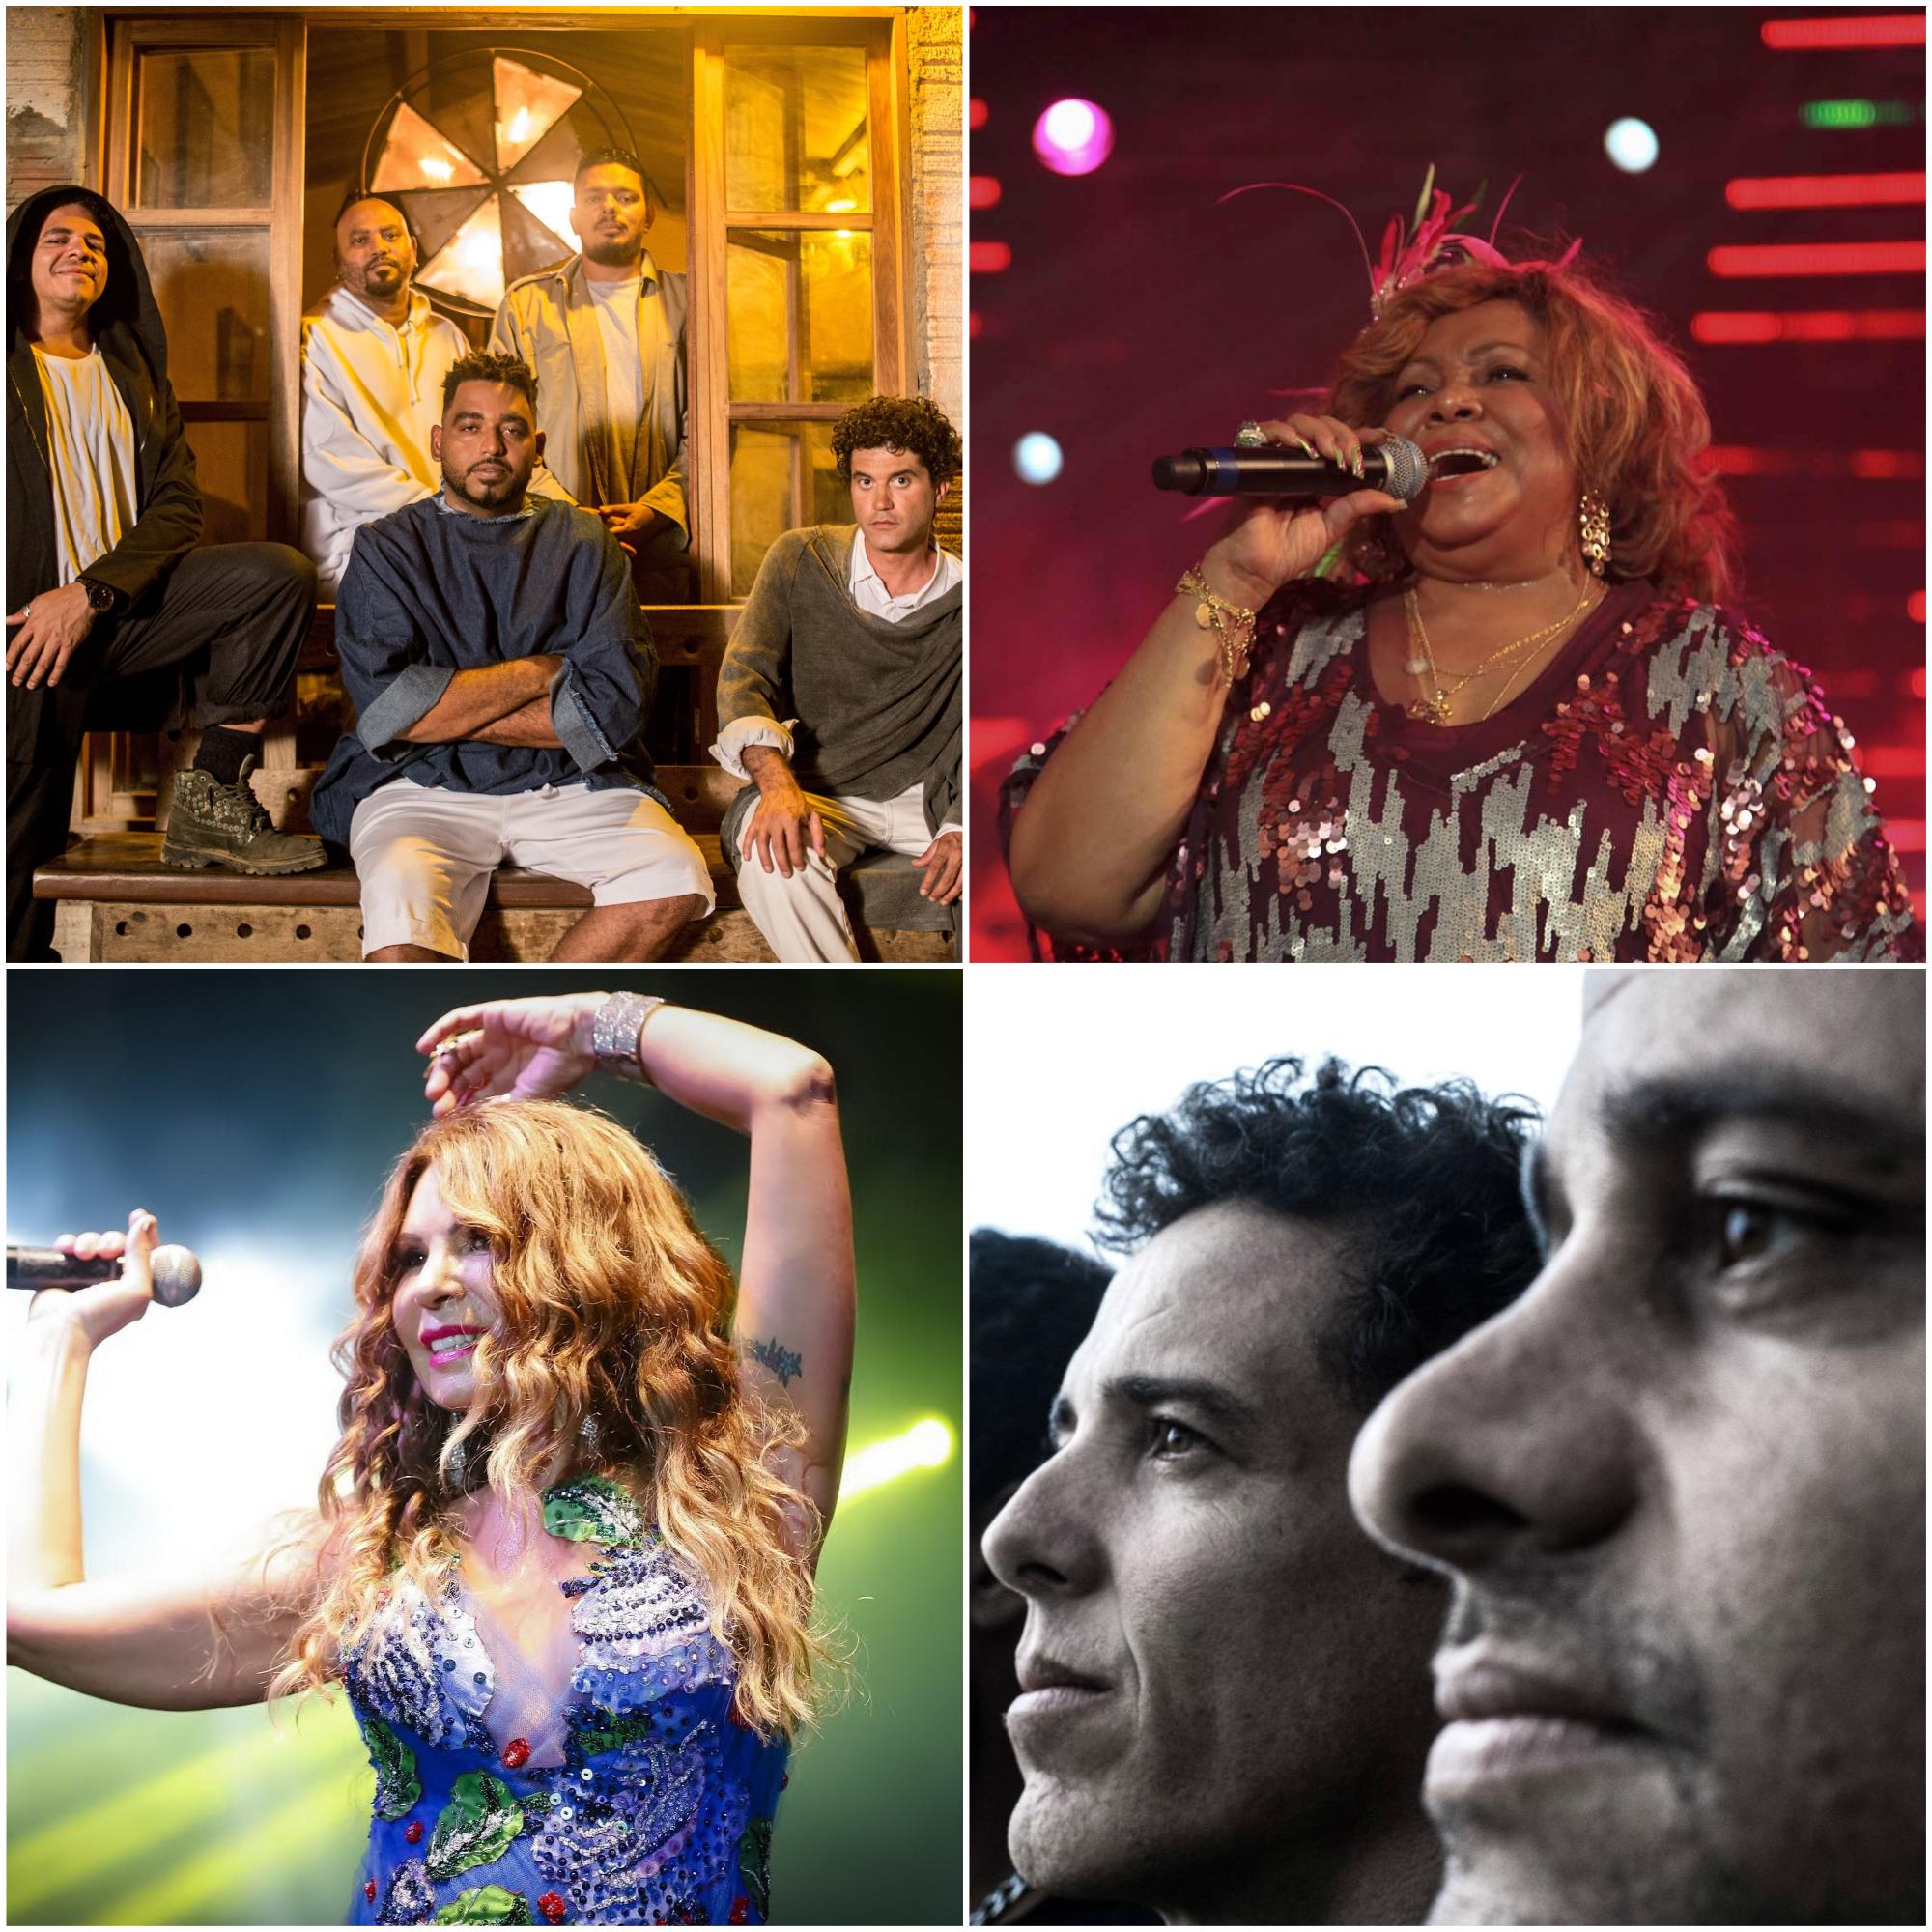 Fotos: Tiago Calazabs/Divulgação; Divulgação do artista; Jorge Luiz/Prefeitura do Recife; Andrea Rego Barros/Divulgacao (Foto: Divulgação)